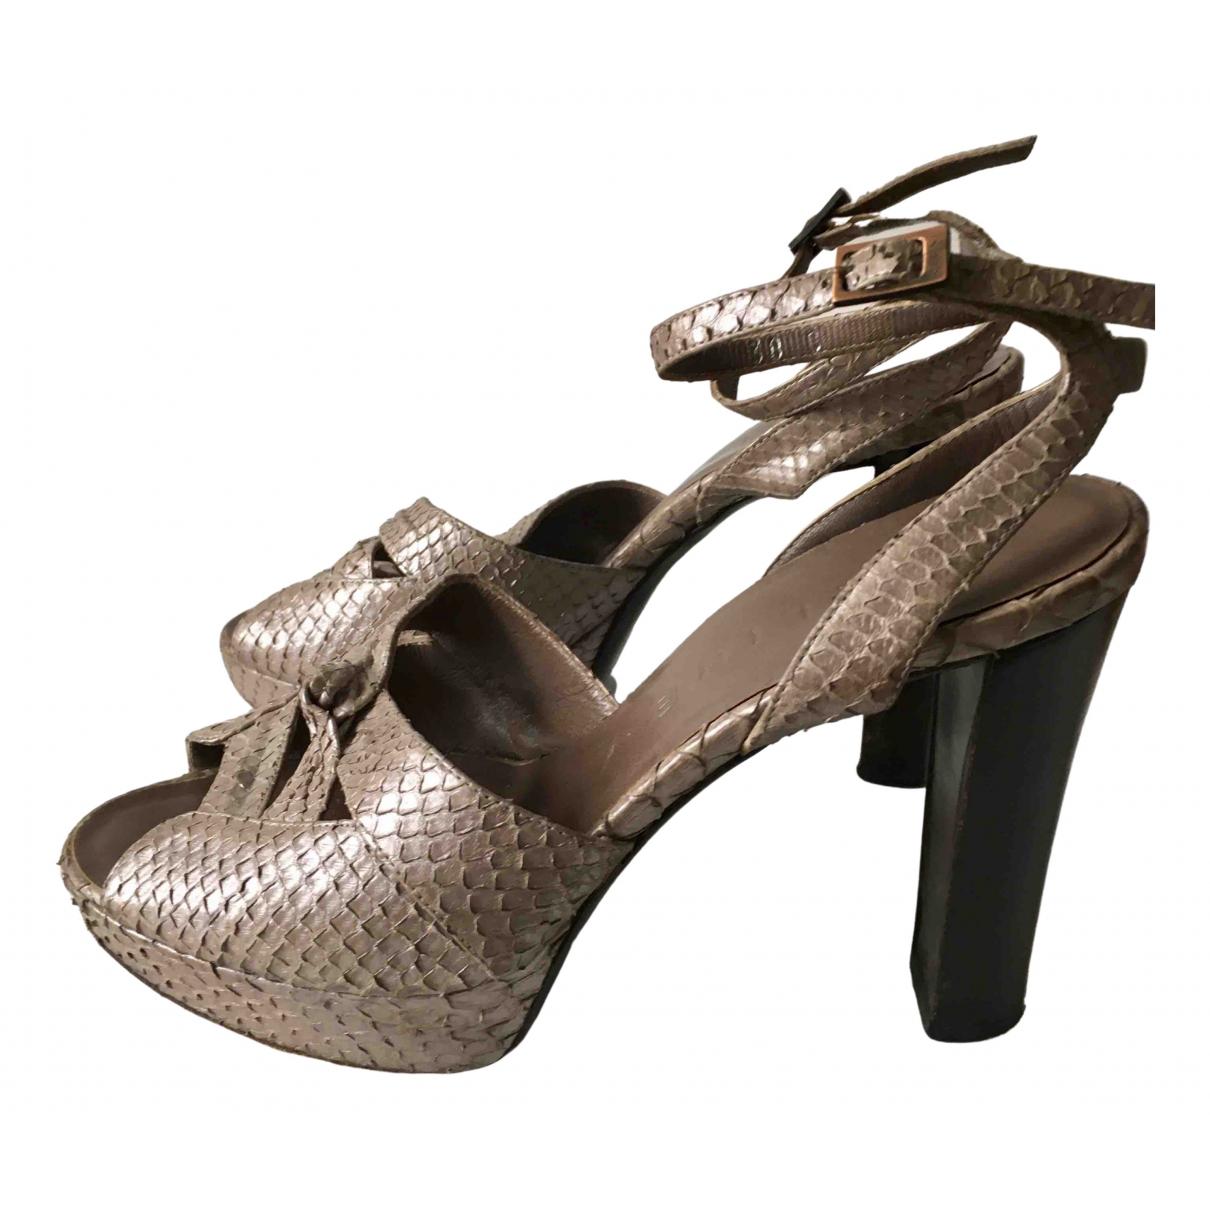 Celine \N Gold Water snake Heels for Women 38 EU